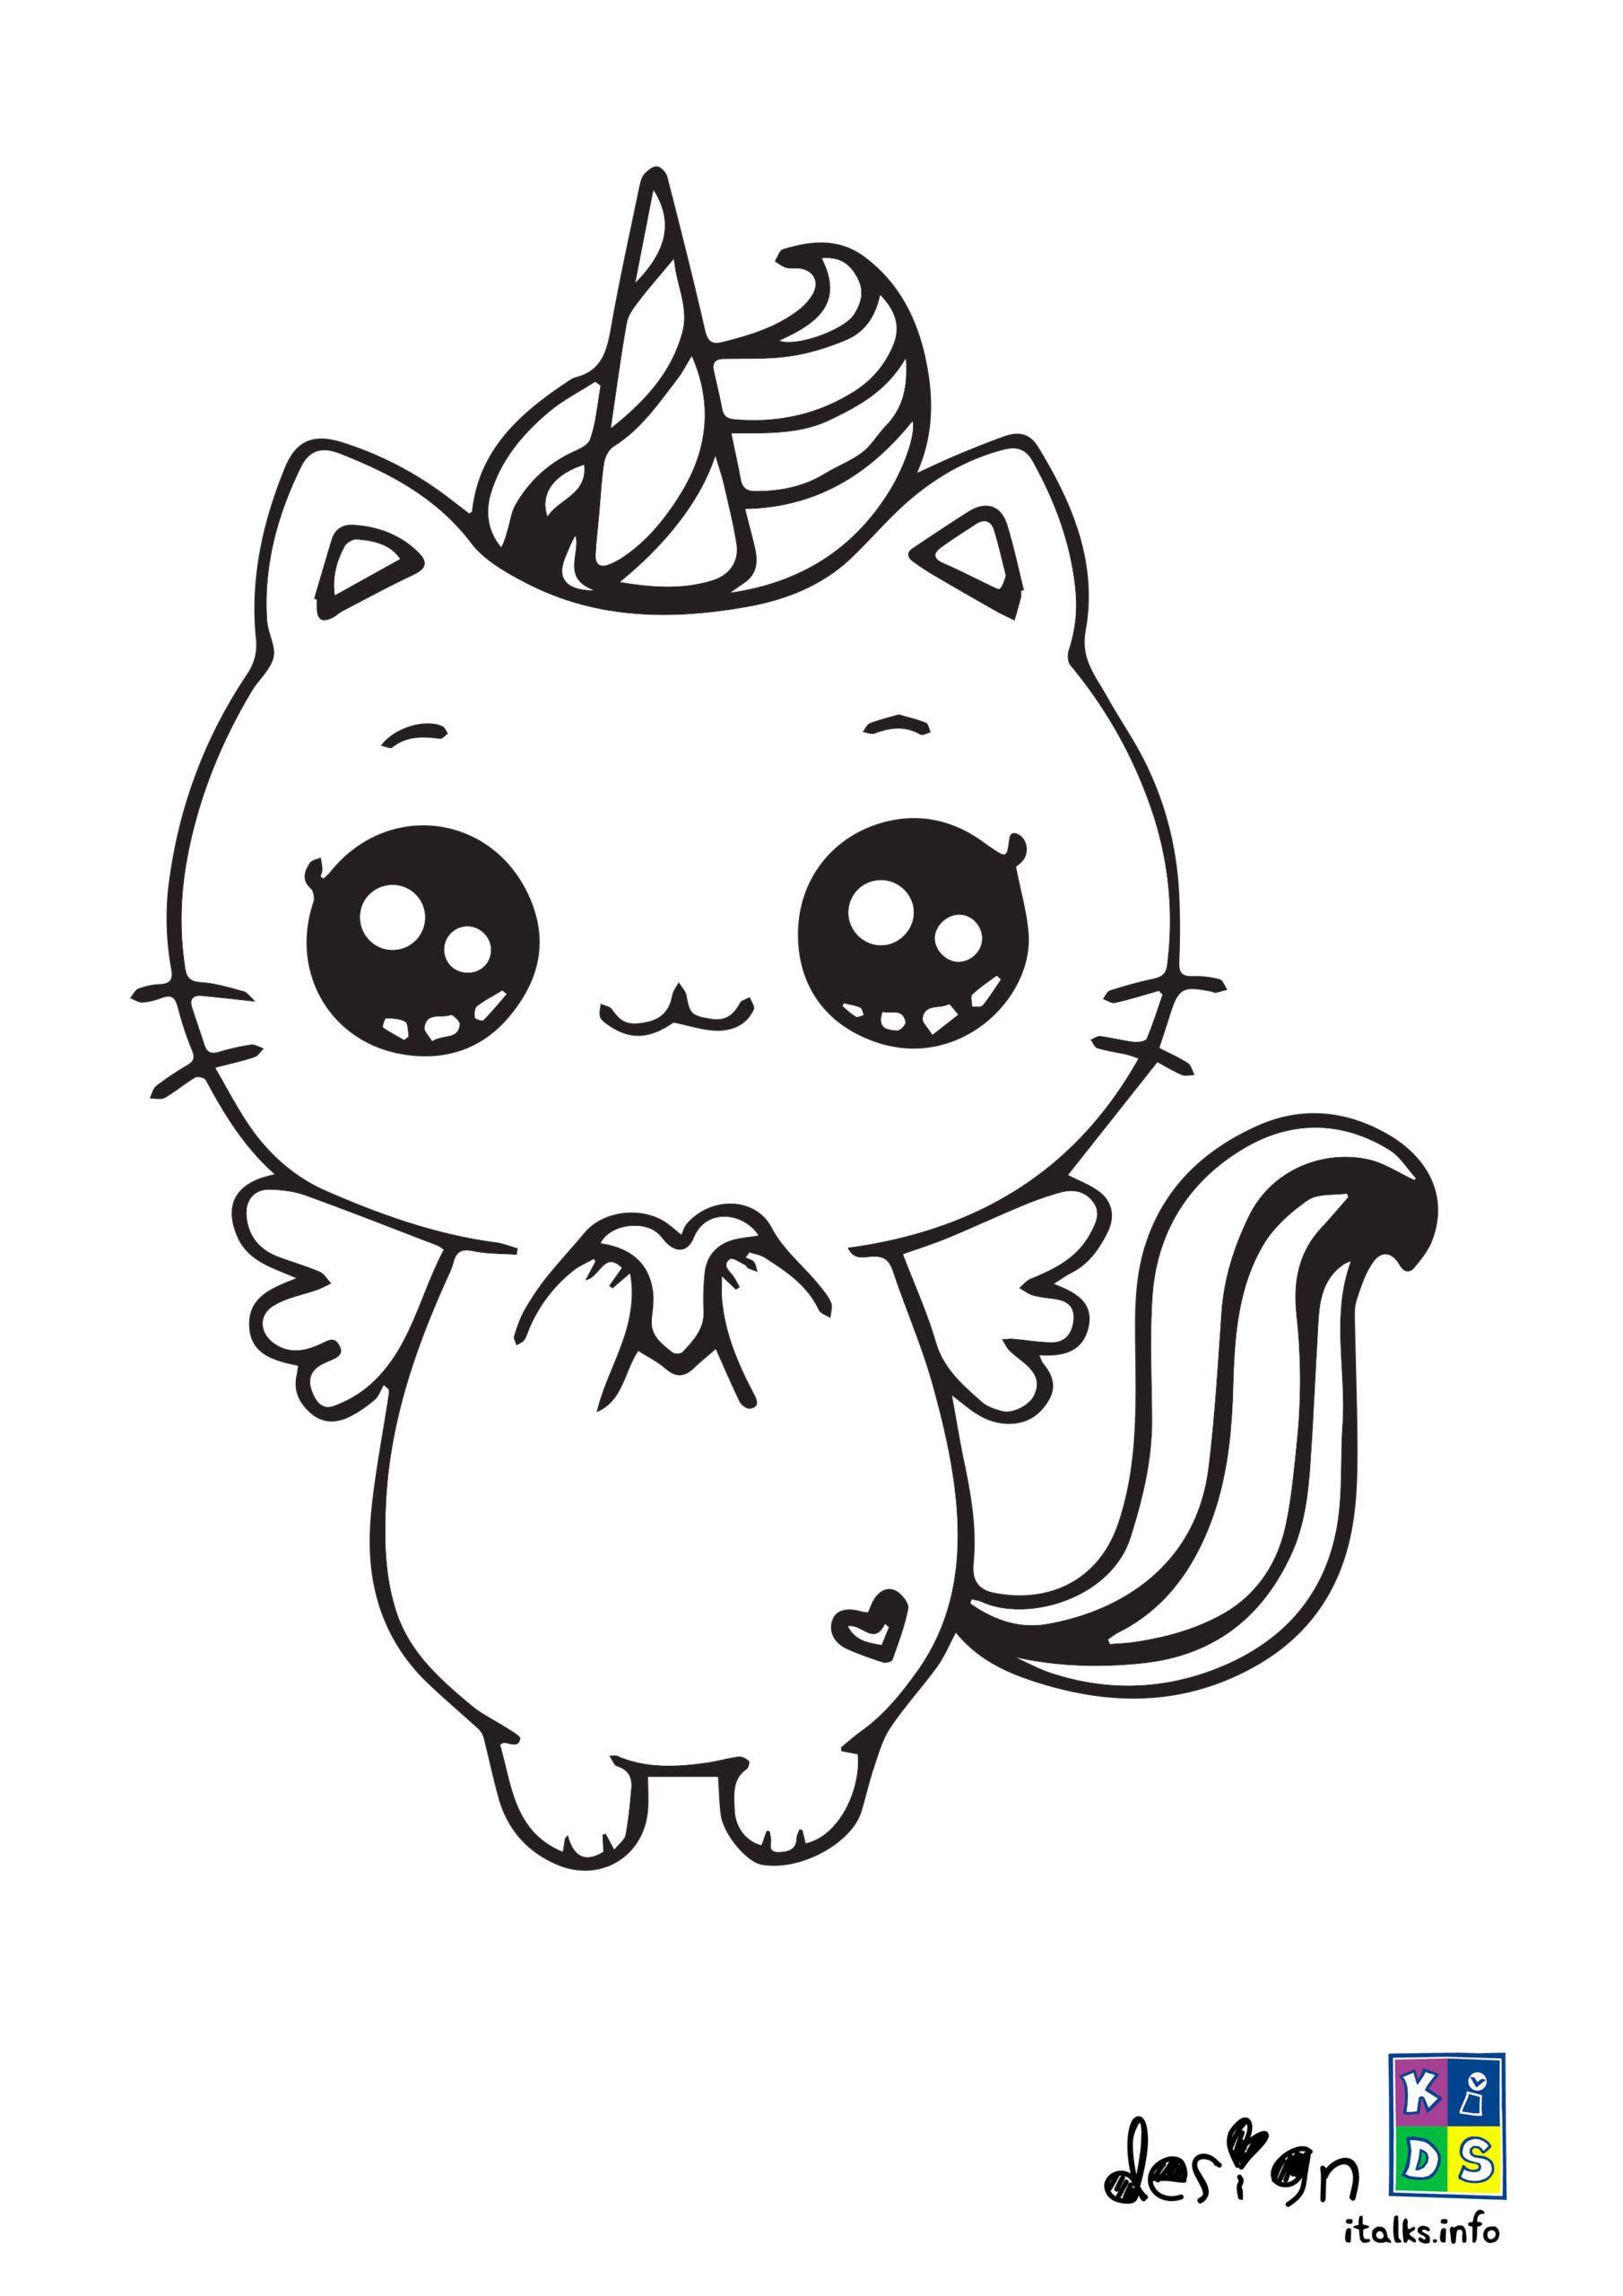 Unicorn Kawaii Coloring Pages : unicorn, kawaii, coloring, pages, Printable, Kawaii, Unicorn, Unicorn,, Wallpaper,, Printables